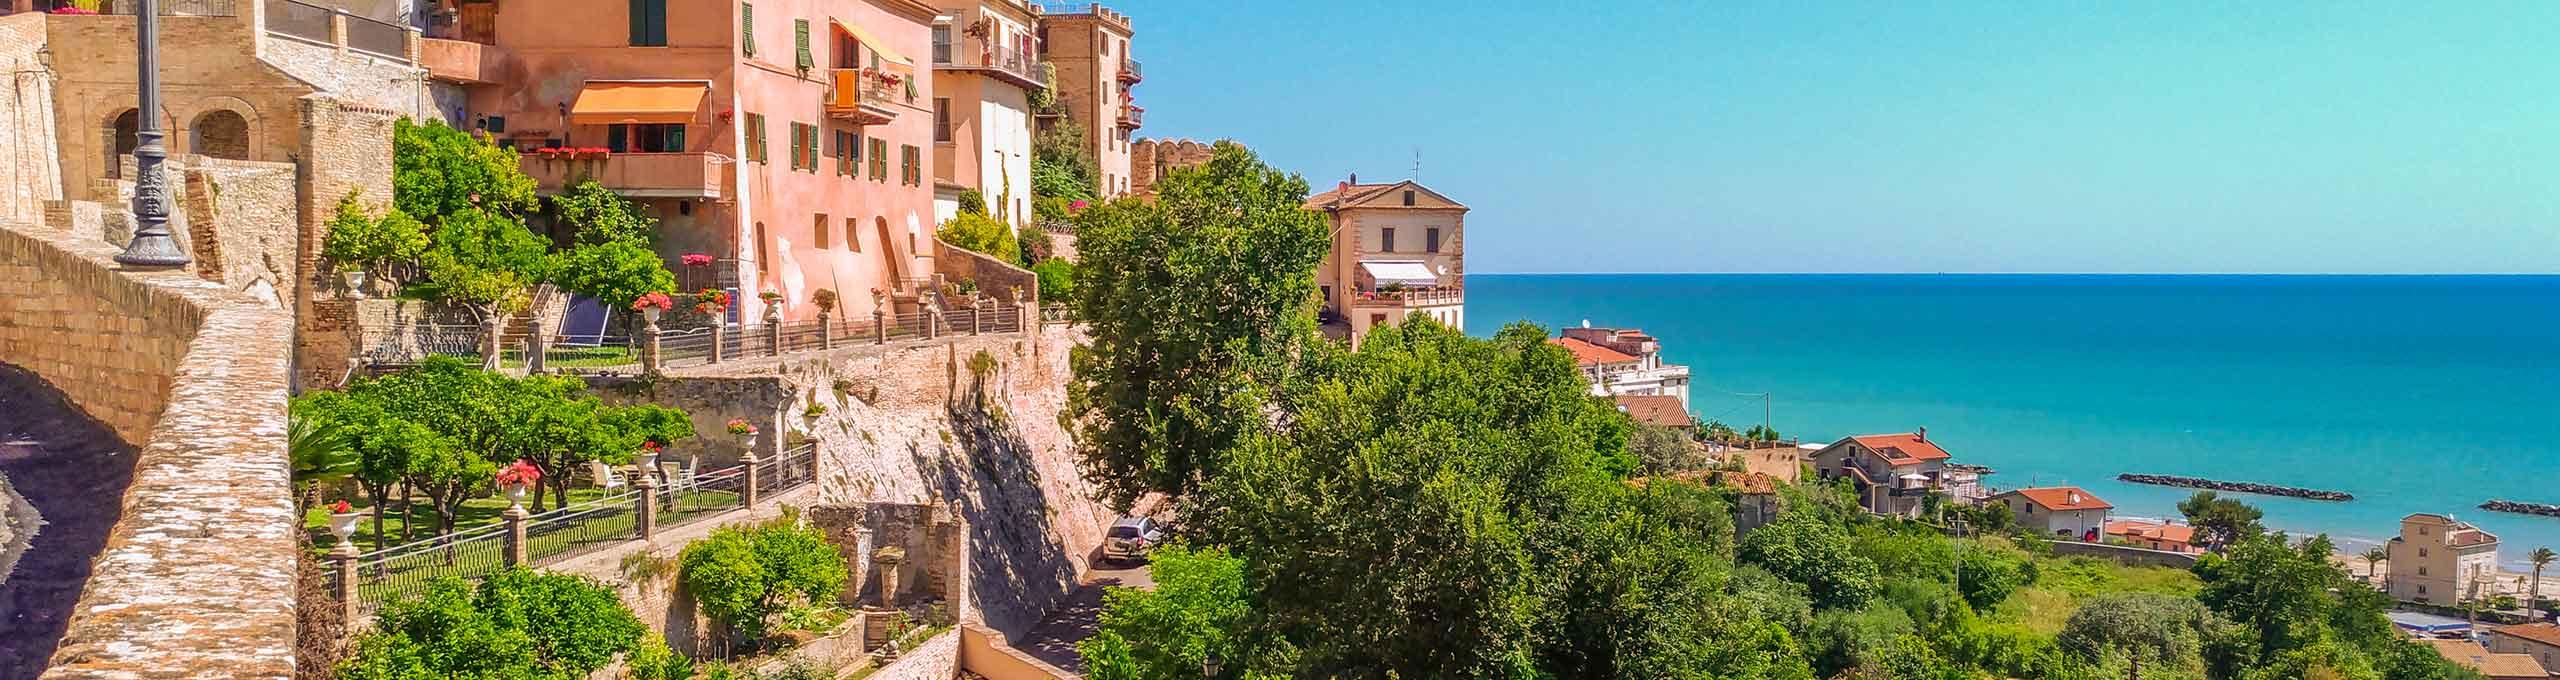 Grottammare, Riviera delle Palme